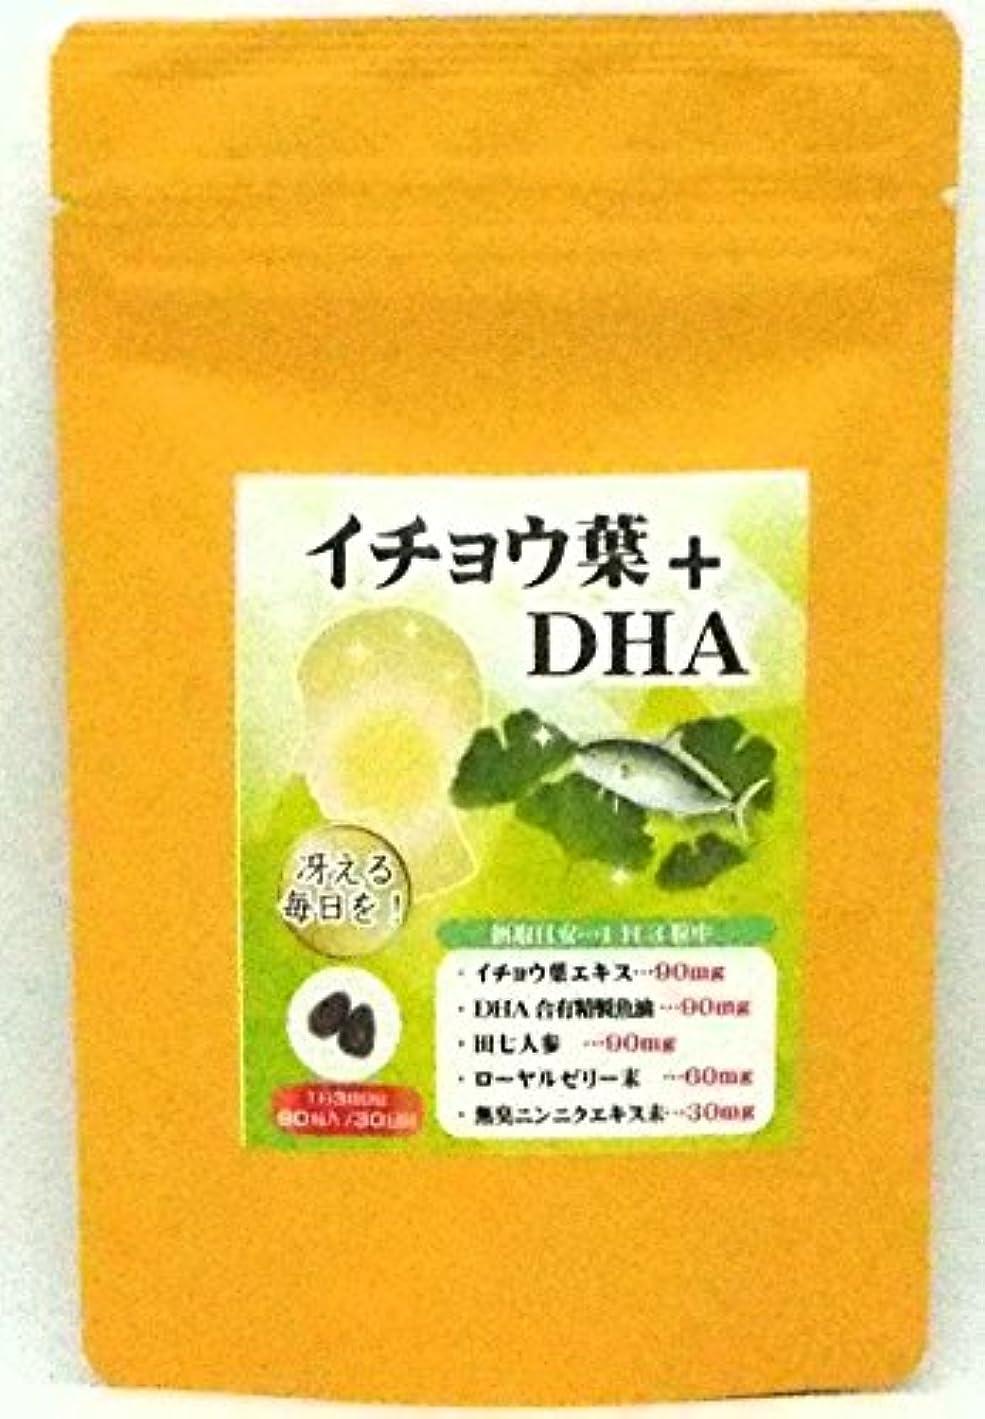 自由マーキング列挙するイチョウ葉+DHA サプリメント 90粒入 3粒にイチョウ葉エキス90mg、DHA合有精製魚油90mg、田七人参90mg、ローヤルゼリー末60mg配合